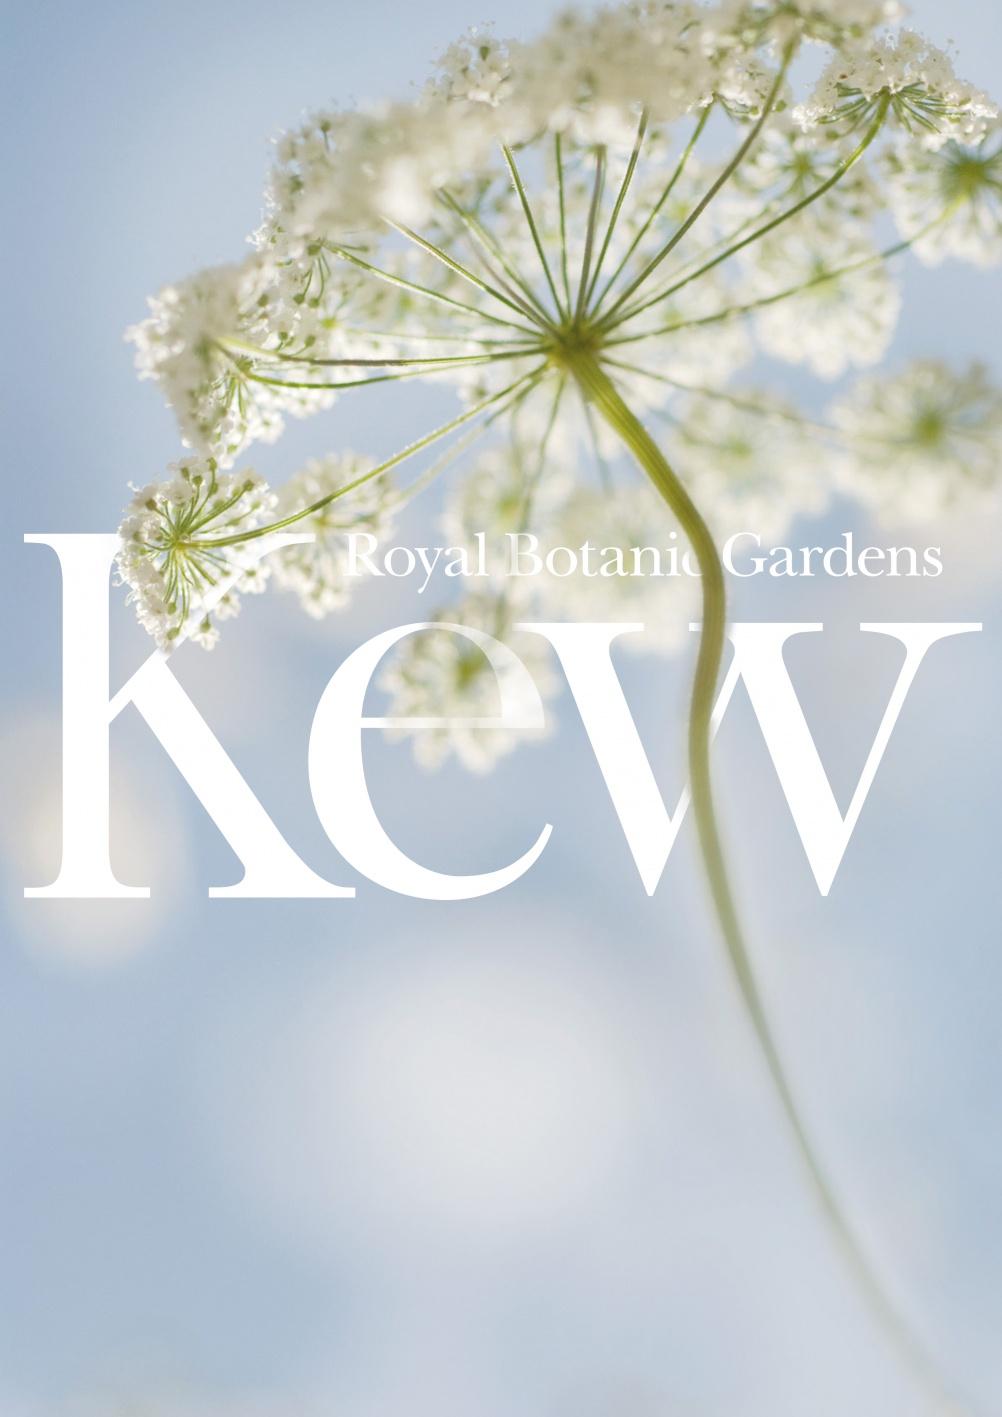 Kew_blog_1